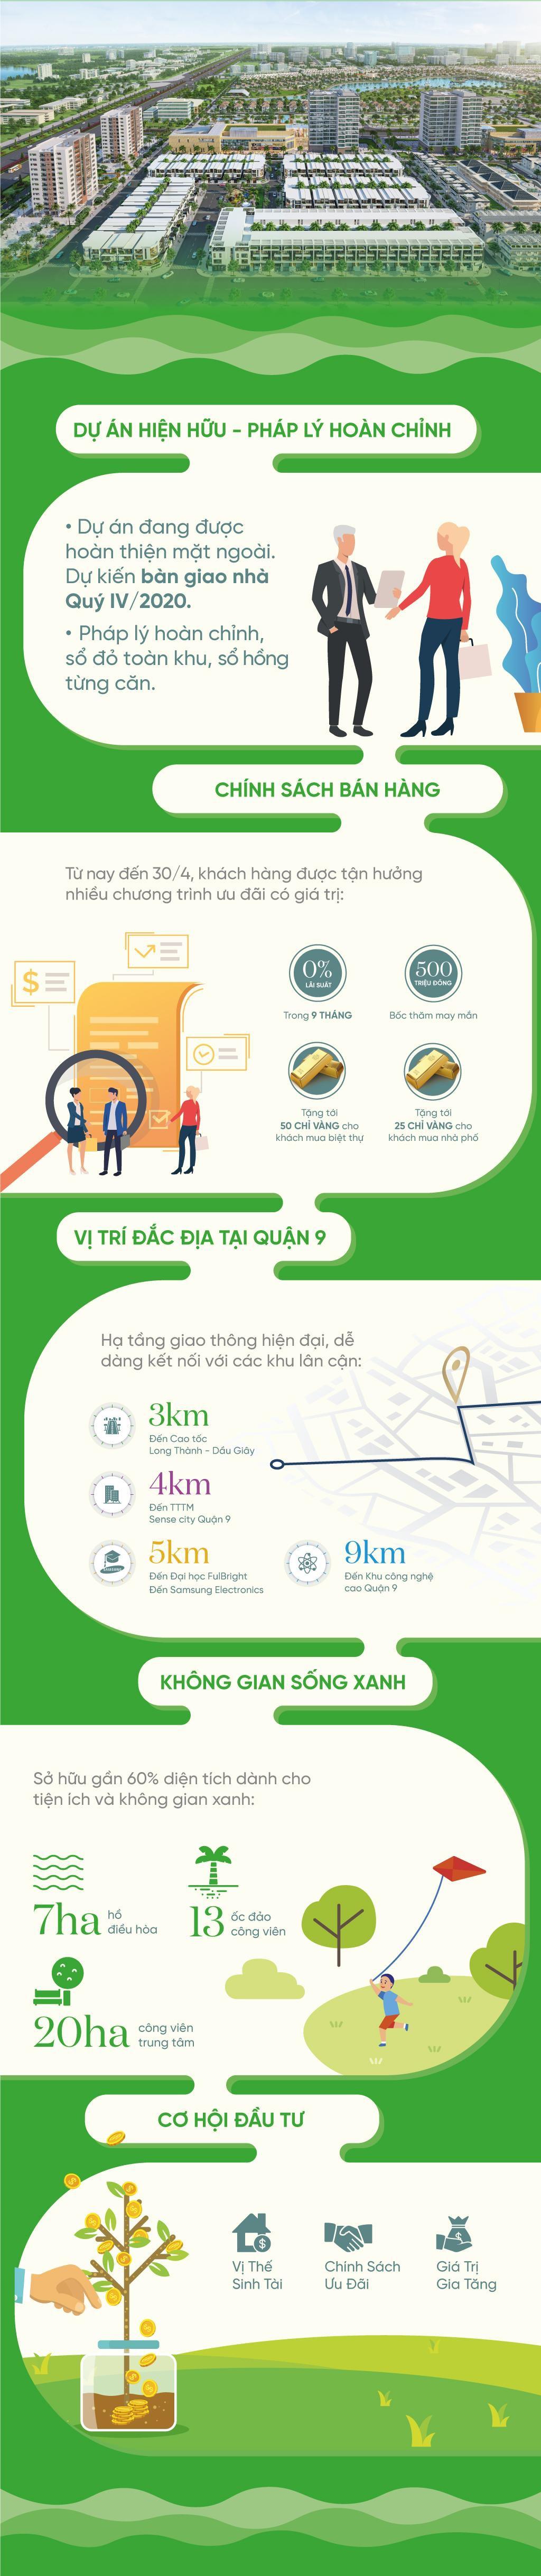 5 lợi thế nổi bật tại Đông Tăng Long - An Lộc - ảnh 1